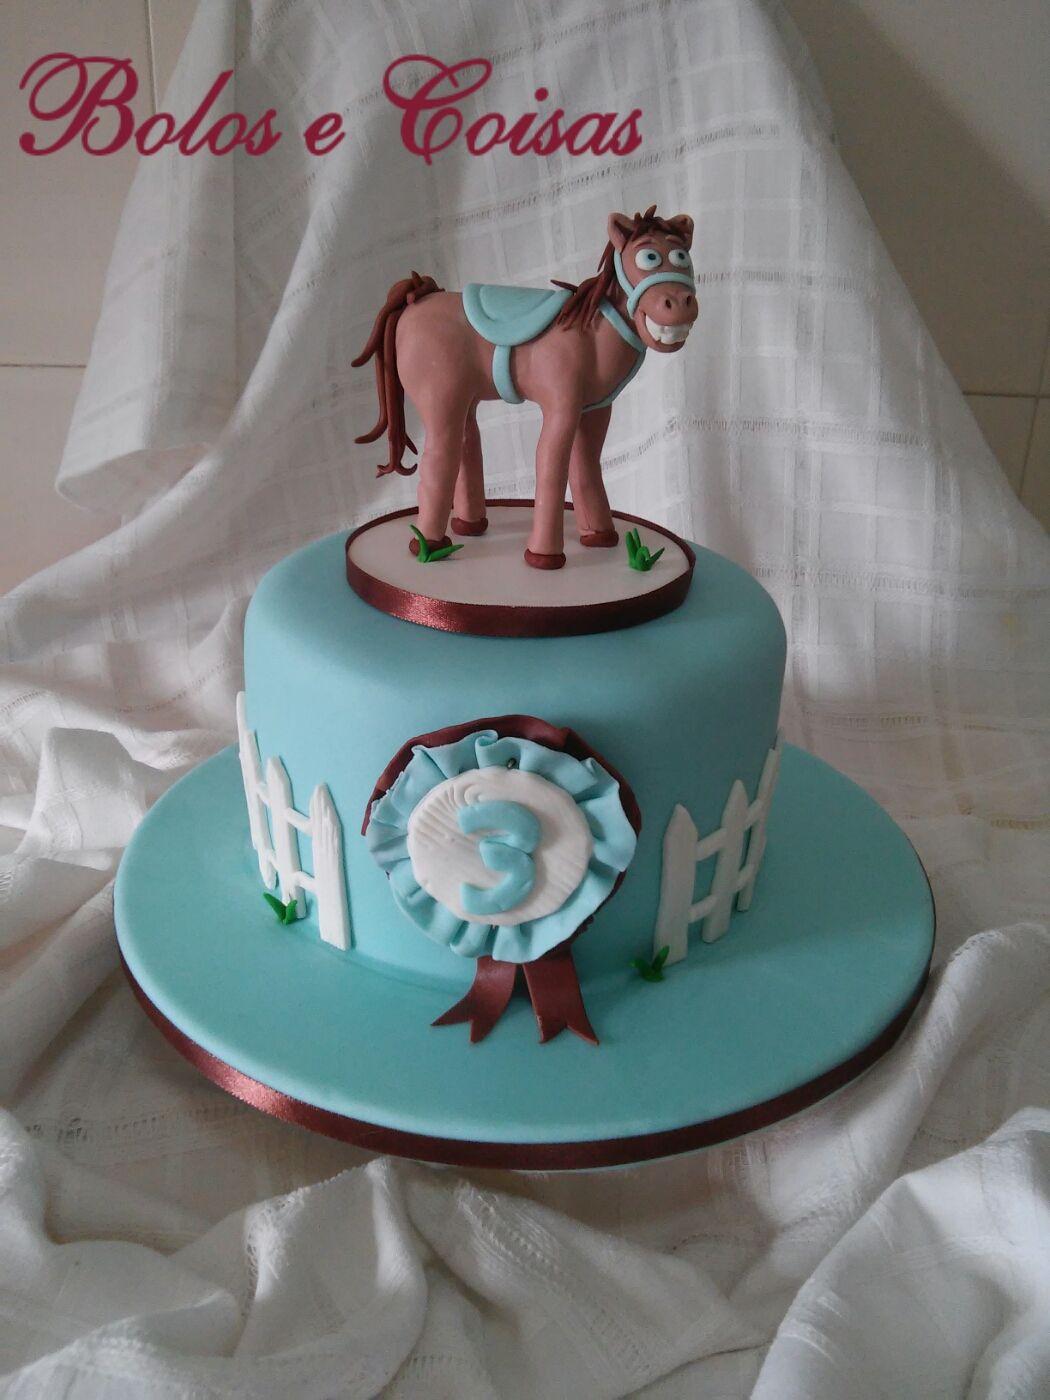 Bolos e coisas - Bolos decorados (Cake Design): Cavalo ...